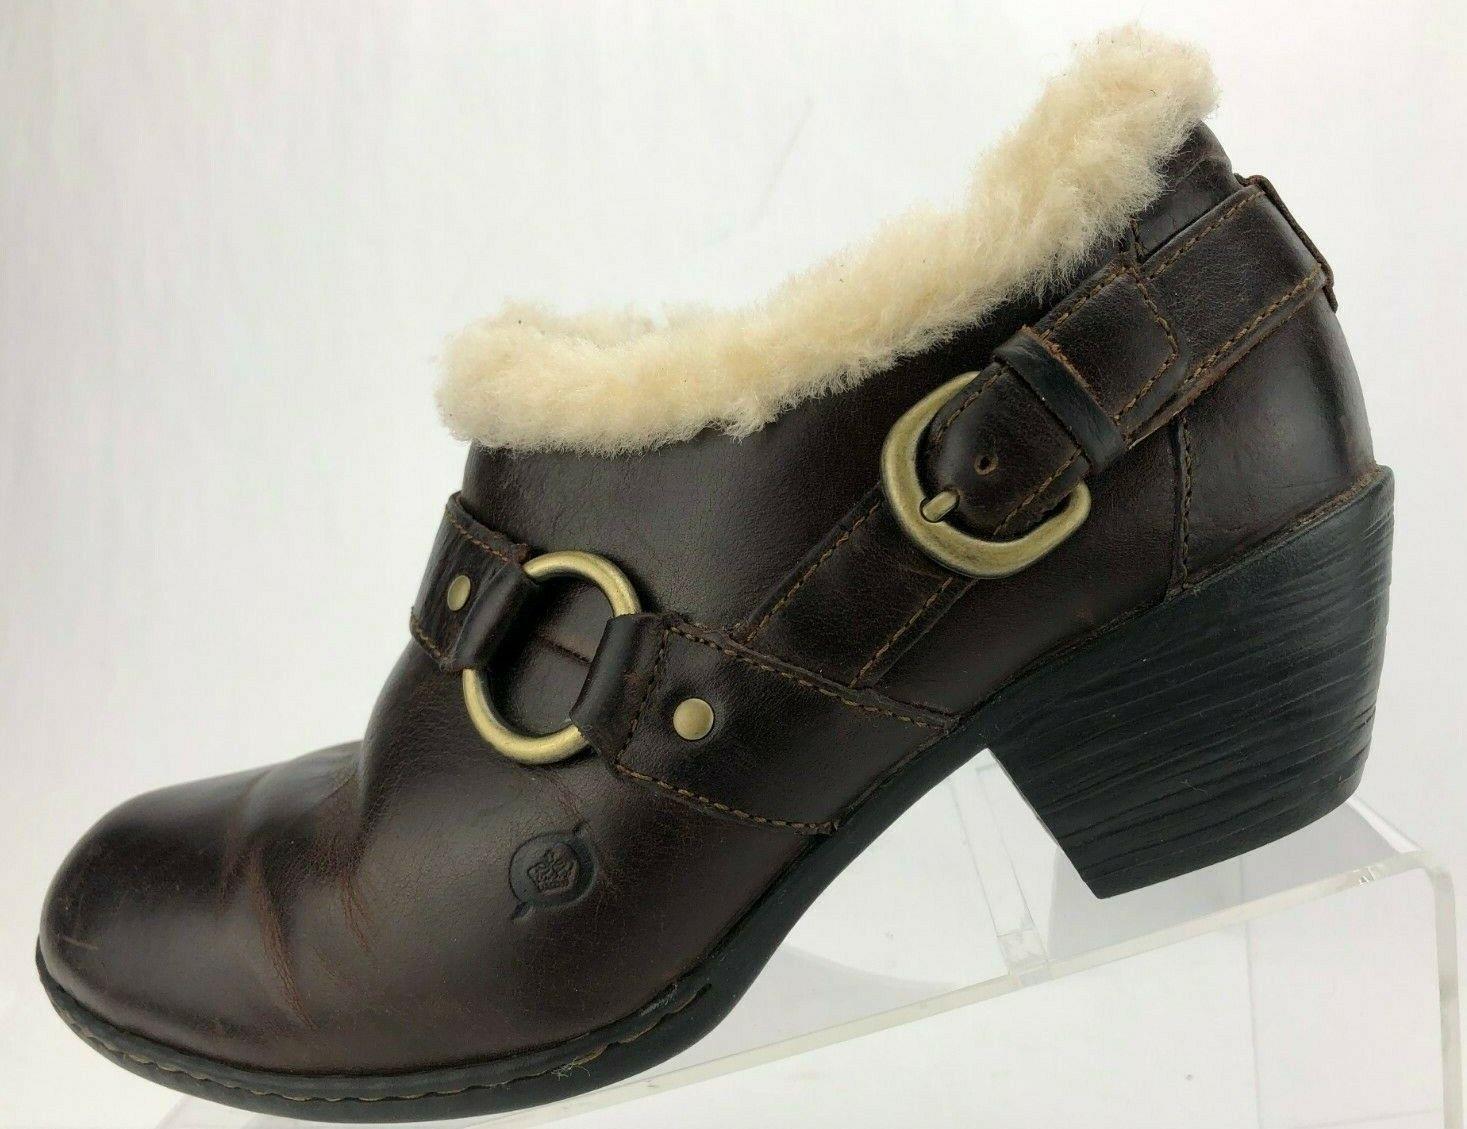 Nacido Botines Cremallera Marrón De Piel De Oveja Forrado Hebilla De Tobillo botas De Invierno Para Mujer 9 M Zueco